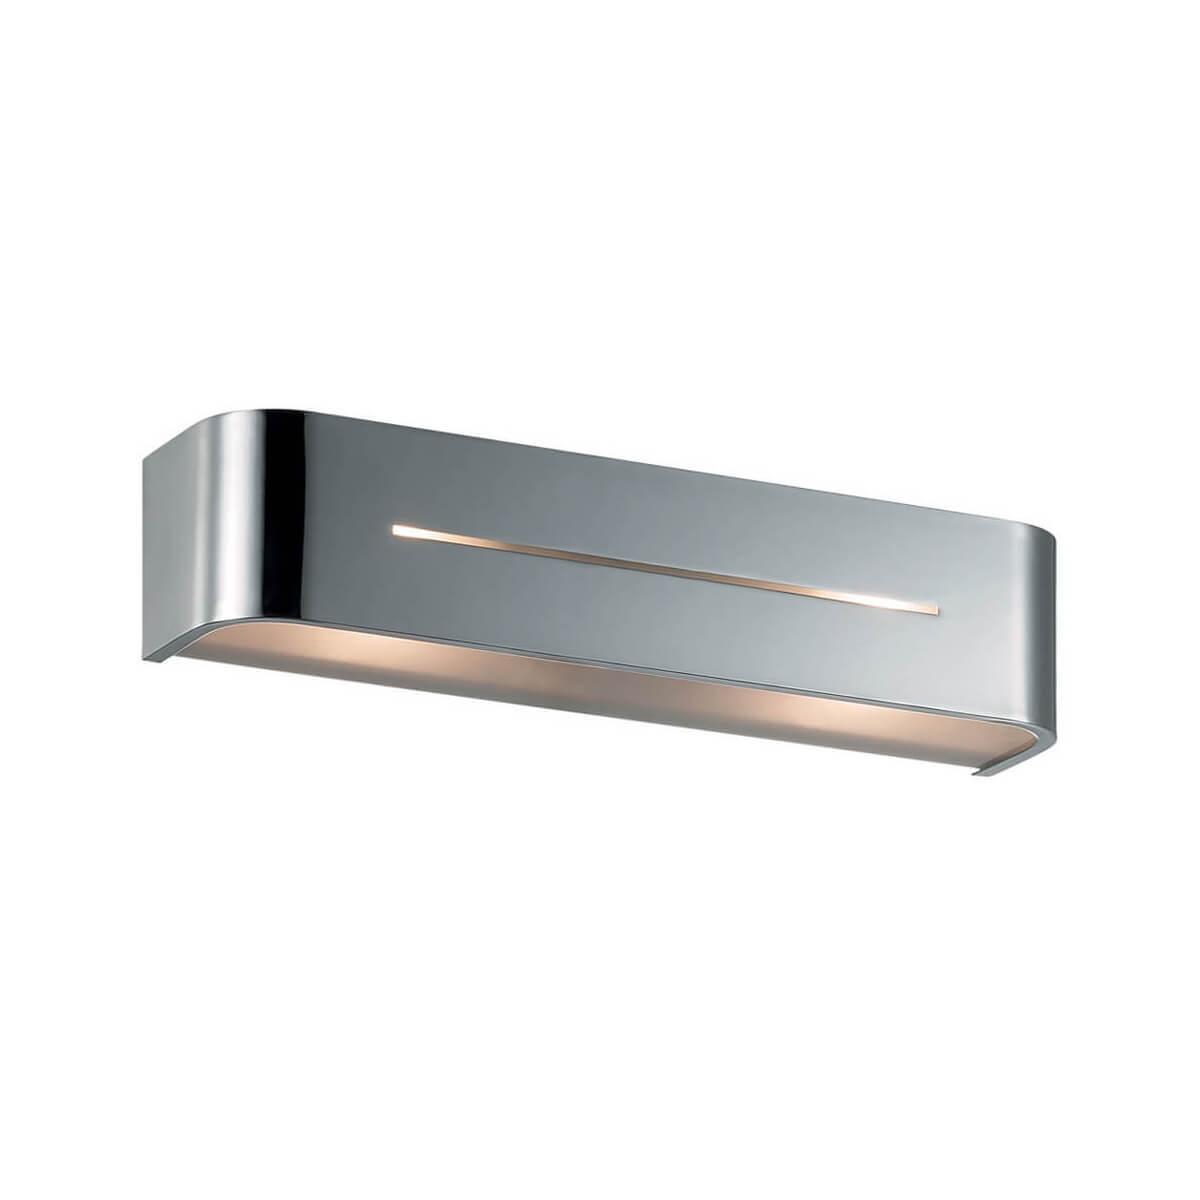 Настенный светильник Ideal Lux Posta AP2 Cromo все цены